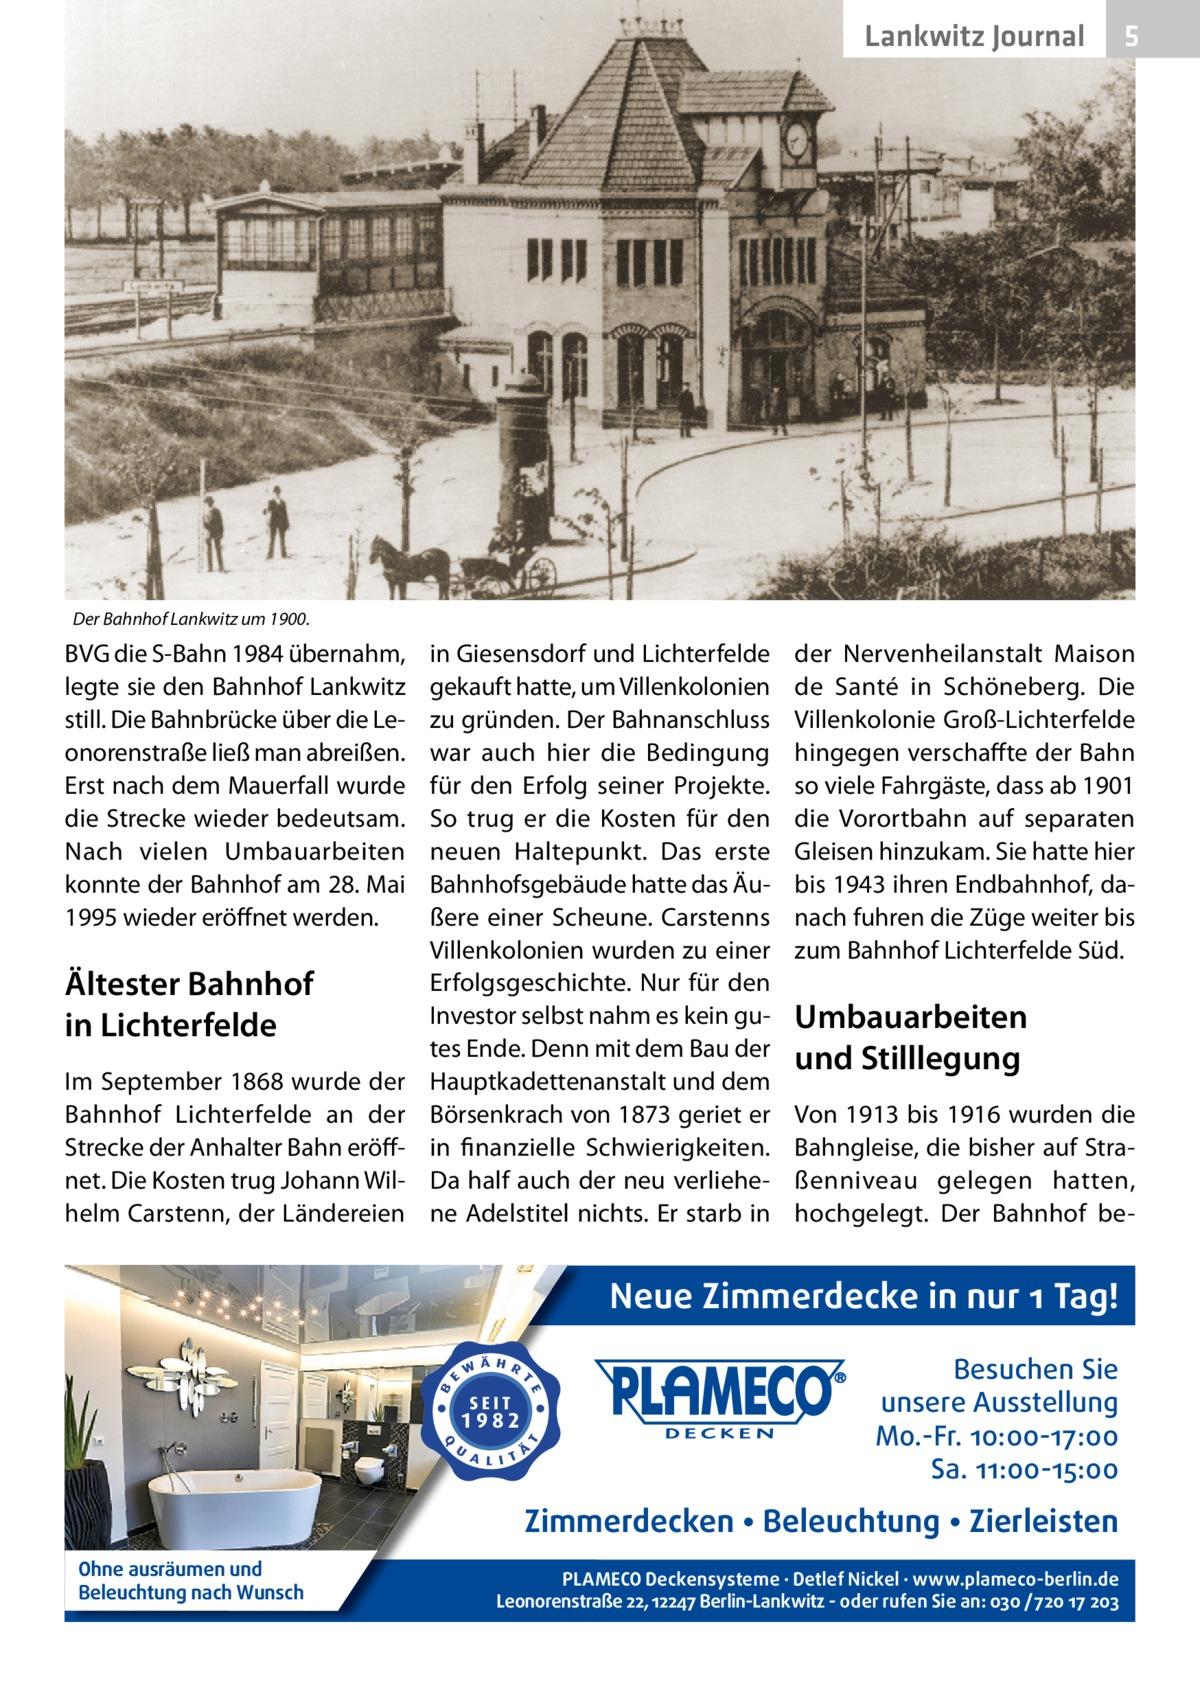 Lankwitz Journal  5  Der Bahnhof Lankwitz um 1900.  BVG die S-Bahn 1984 übernahm, legte sie den Bahnhof Lankwitz still. Die Bahnbrücke über die Leonorenstraße ließ man abreißen. Erst nach dem Mauerfall wurde die Strecke wieder bedeutsam. Nach vielen Umbauarbeiten konnte der Bahnhof am 28.Mai 1995 wieder eröffnet werden.  Ältester Bahnhof in Lichterfelde Im September 1868 wurde der Bahnhof Lichterfelde an der Strecke der Anhalter Bahn eröffnet. Die Kosten trug Johann Wilhelm Carstenn, der Ländereien  in Giesensdorf und Lichterfelde gekauft hatte, um Villenkolonien zu gründen. Der Bahnanschluss war auch hier die Bedingung für den Erfolg seiner Projekte. So trug er die Kosten für den neuen Haltepunkt. Das erste Bahnhofsgebäude hatte das Äußere einer Scheune. Carstenns Villenkolonien wurden zu einer Erfolgsgeschichte. Nur für den Investor selbst nahm es kein gutes Ende. Denn mit dem Bau der Hauptkadettenanstalt und dem Börsenkrach von 1873 geriet er in finanzielle Schwierigkeiten. Da half auch der neu verliehene Adelstitel nichts. Er starb in  der Nervenheilanstalt Maison de Santé in Schöneberg. Die Villenkolonie Groß-Lichterfelde hingegen verschaffte der Bahn so viele Fahrgäste, dass ab 1901 die Vorortbahn auf separaten Gleisen hinzukam. Sie hatte hier bis 1943 ihren Endbahnhof, danach fuhren die Züge weiter bis zum Bahnhof Lichterfelde Süd.  Umbauarbeiten und Stilllegung Von 1913 bis 1916 wurden die Bahngleise, die bisher auf Straßenniveau gelegen hatten, hochgelegt. Der Bahnhof be Neue Zimmerdecke in nur 1 Tag! Besuchen Sie unsere Ausstellung Mo.-Fr. 10:00-17:00 Sa. 11:00-15:00  Zimmerdecken • Beleuchtung • Zierleisten Ohne ausräumen und Beleuchtung nach Wunsch  PLAMECO Deckensysteme ∙ Detlef Nickel ∙ www.plameco-berlin.de Leonorenstraße 22, 12247 Berlin-Lankwitz - oder rufen Sie an: 030 /720 17 203